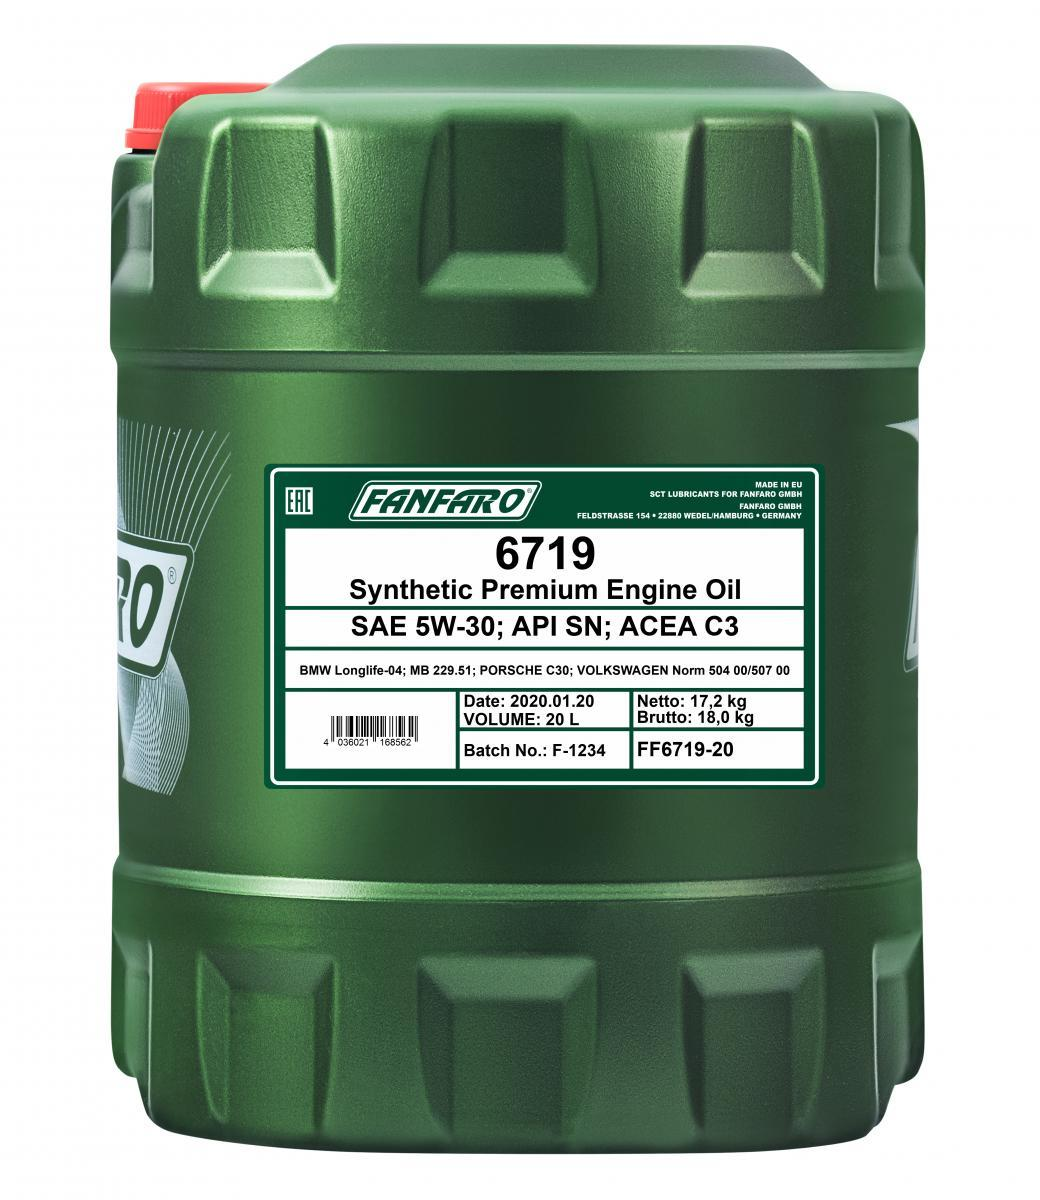 LKW Motoröl FANFARO FF6719-20 kaufen